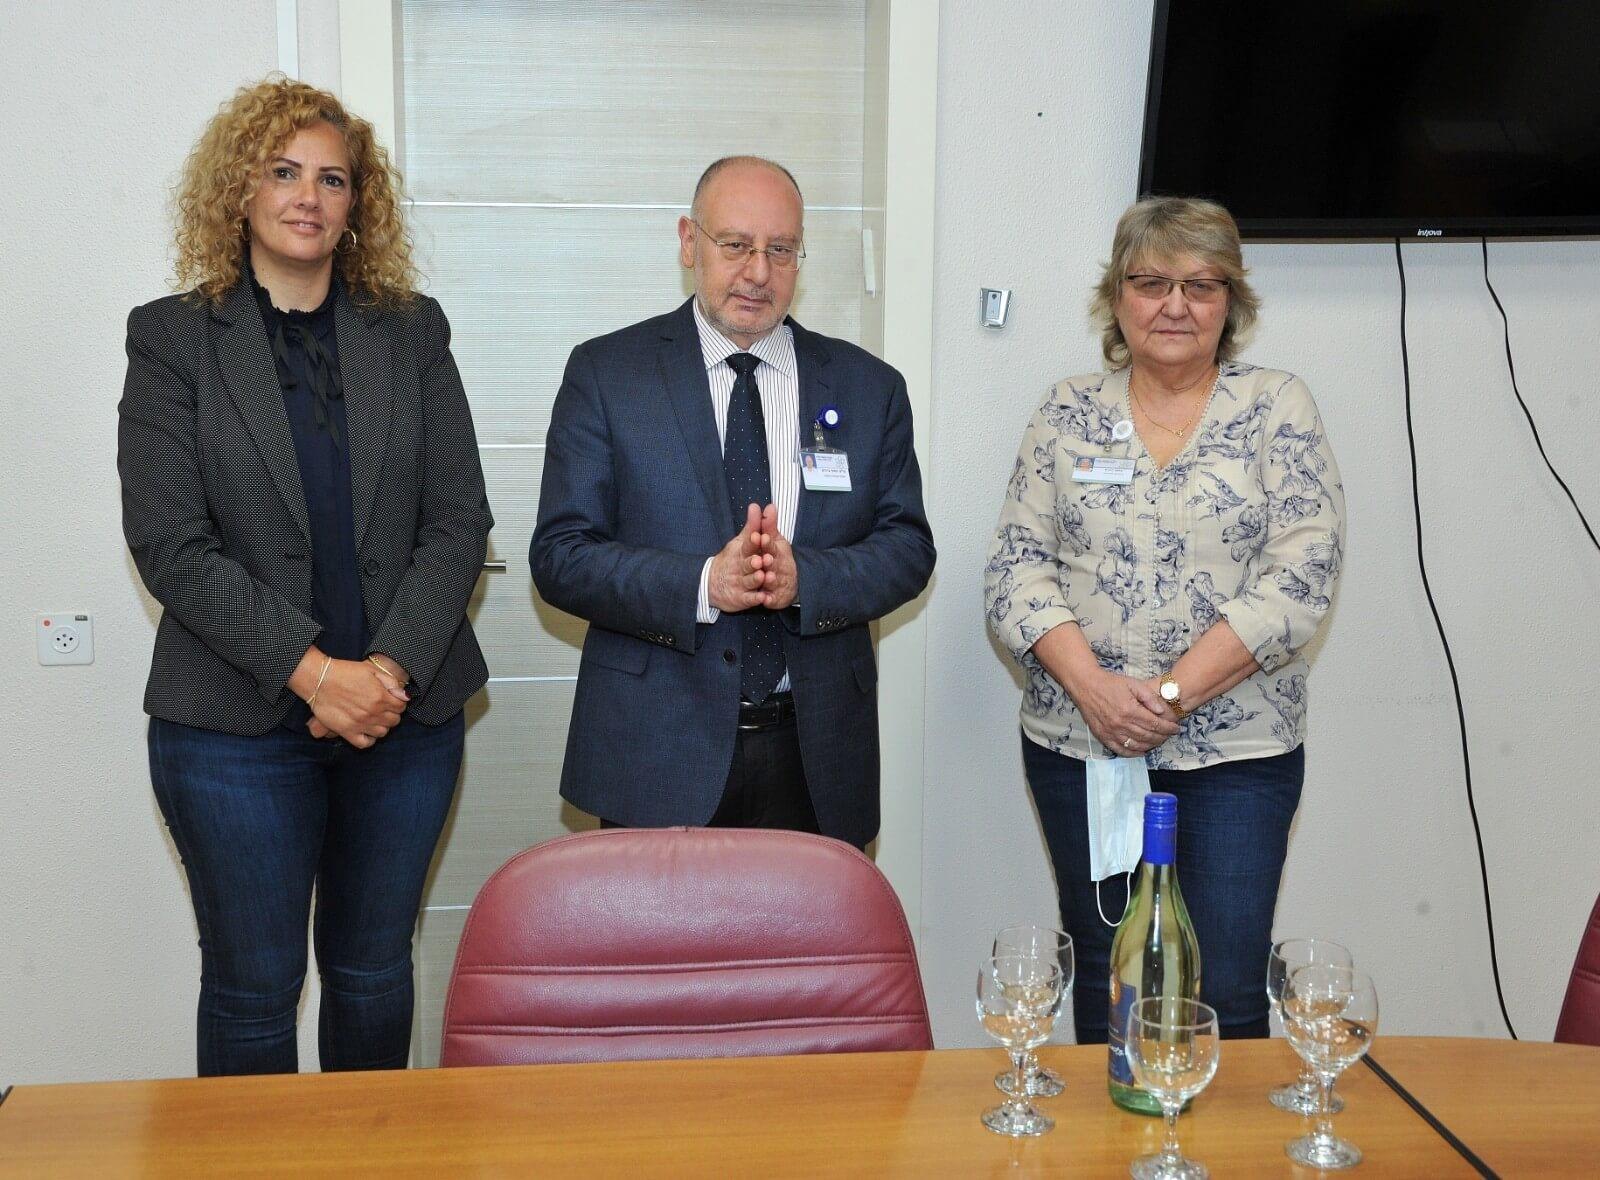 דליה טדגי (משמאל), פרופ' ברהום ורונית קלמן צילום: לגליל